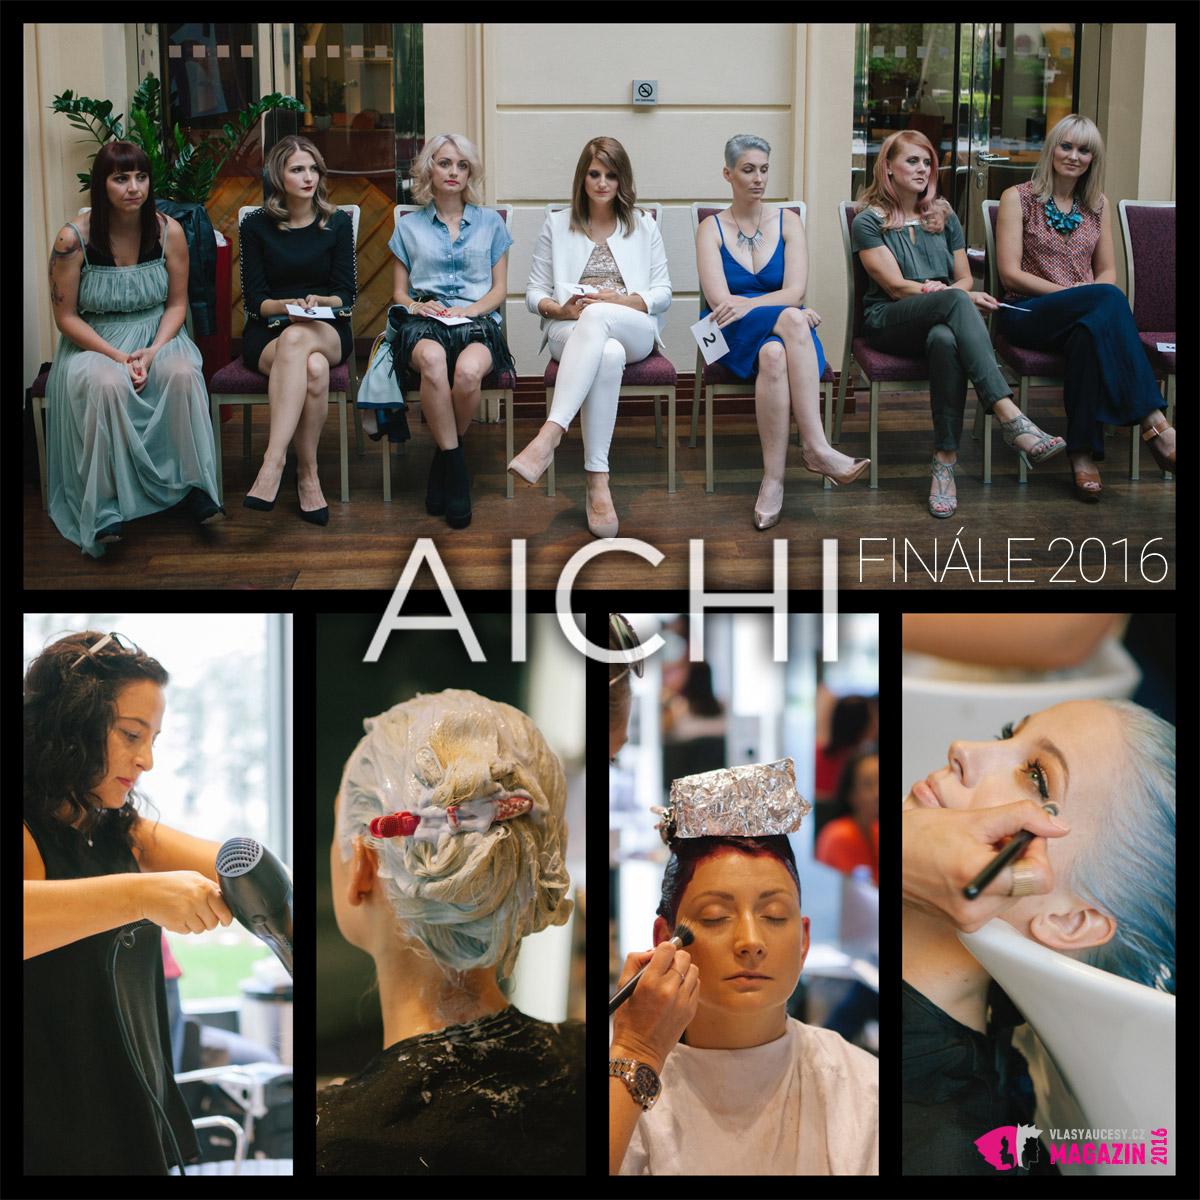 Finále AICHI 2016 – malá ochutnávka umění soutěžících kadeřníků a jejich týmů.